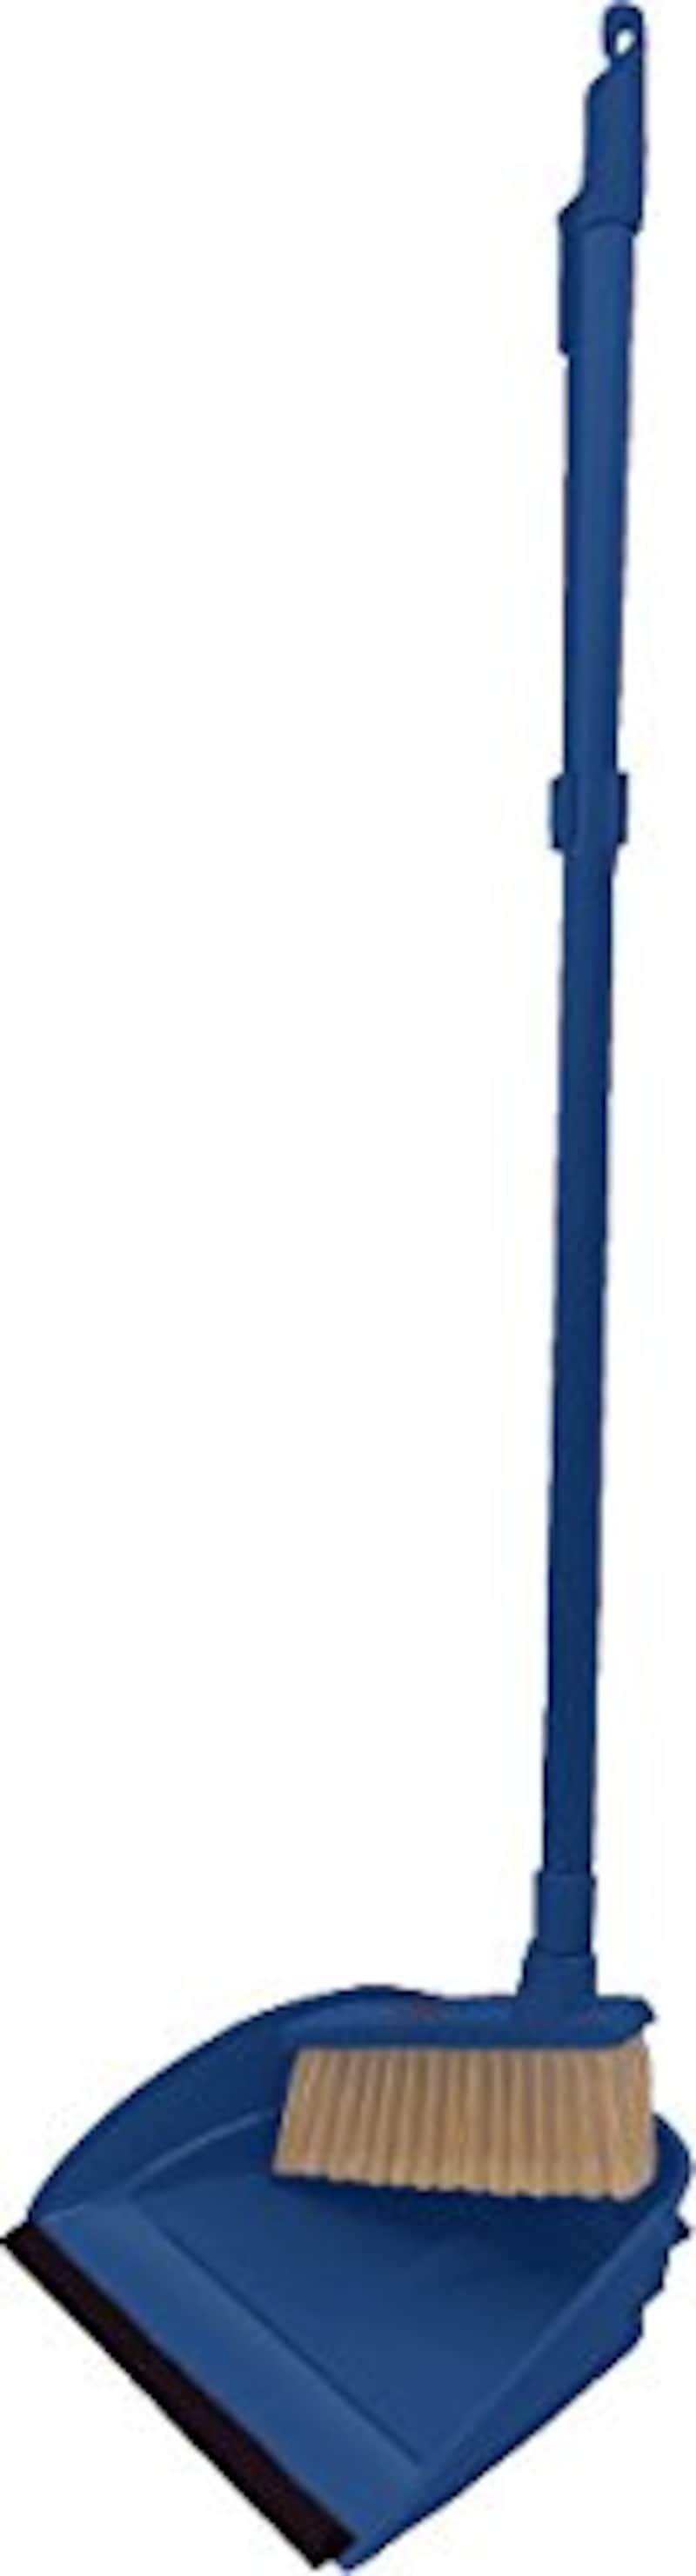 丸和貿易,ホコア ロングダストパンセット(ネイビー),400830903